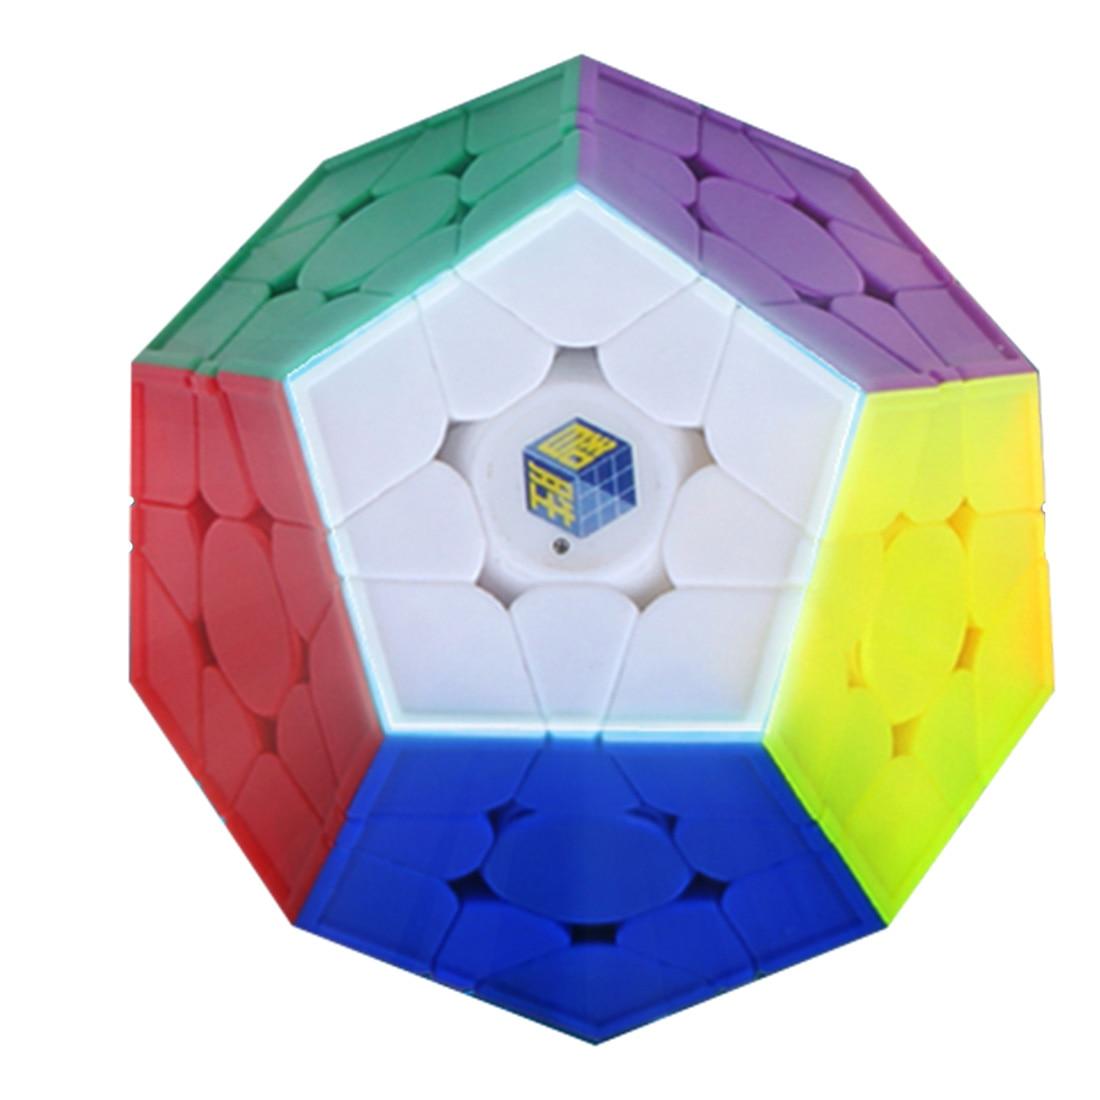 Yuxin Peu de Magie V2 3x3 Megaminx Brain Teaser Magic Cube Twisty Puzzle Jouet-Coloré